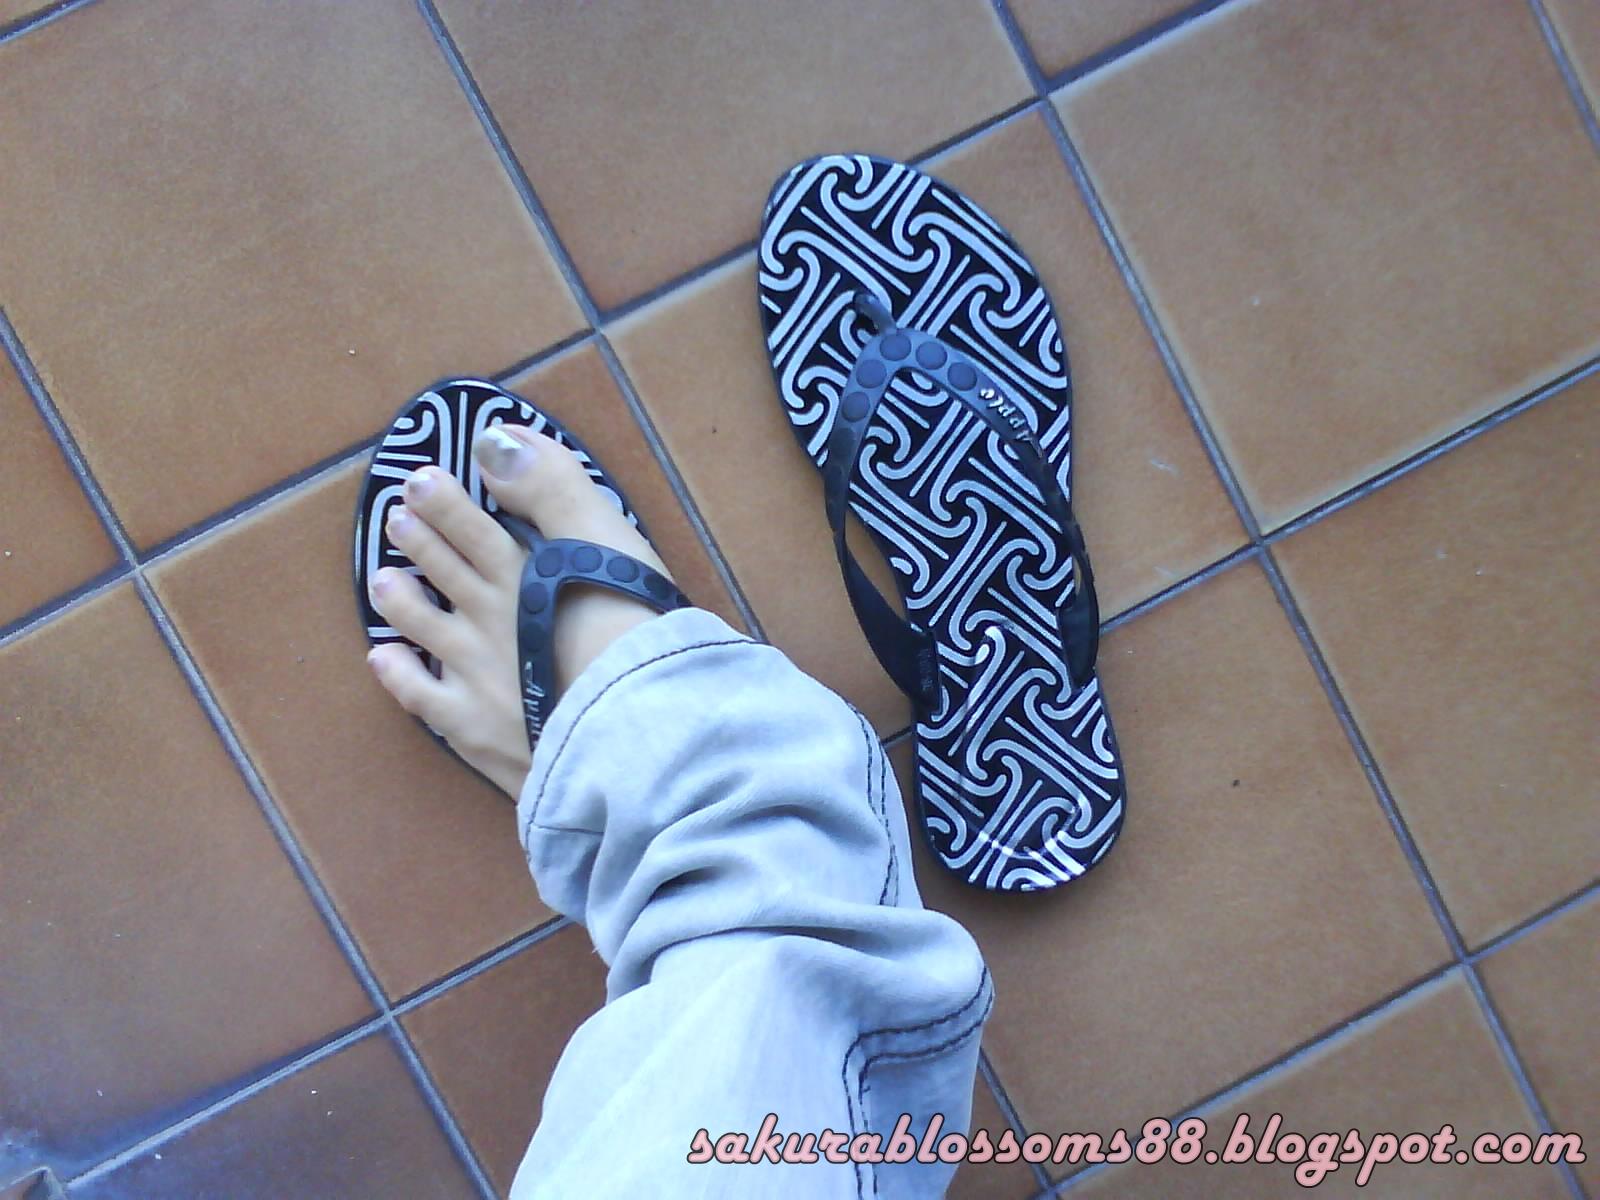 http://4.bp.blogspot.com/-JNE_spGoA4M/TmCOPrHmLgI/AAAAAAAABlU/Ze93H2sawr8/s1600/DSC09368a.JPG